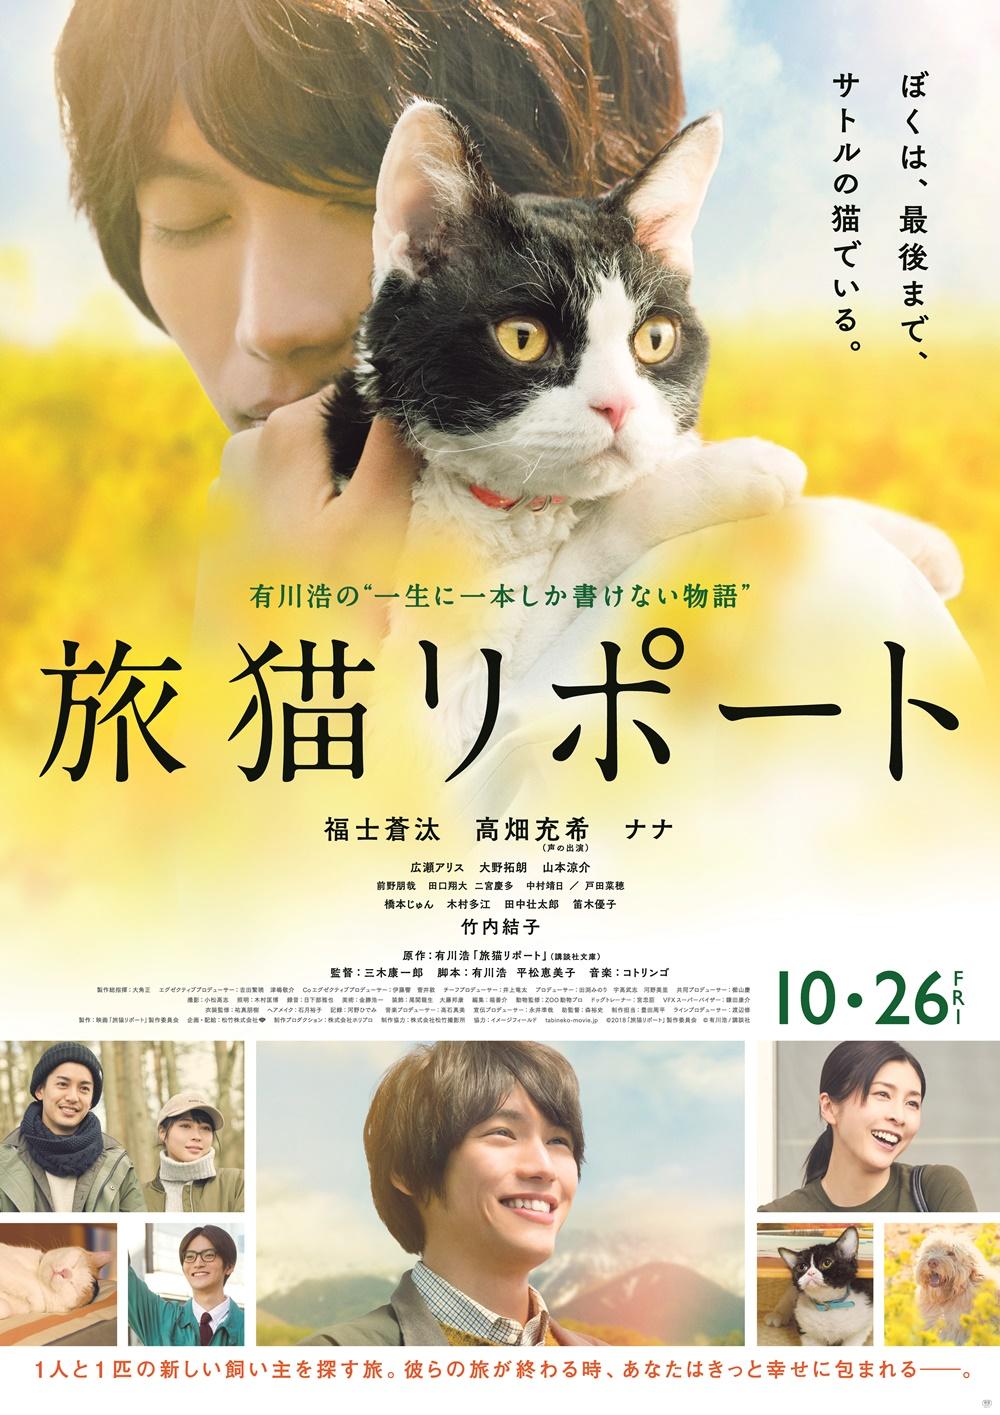 【画像】映画『旅猫リポート』ポスタービジュアル